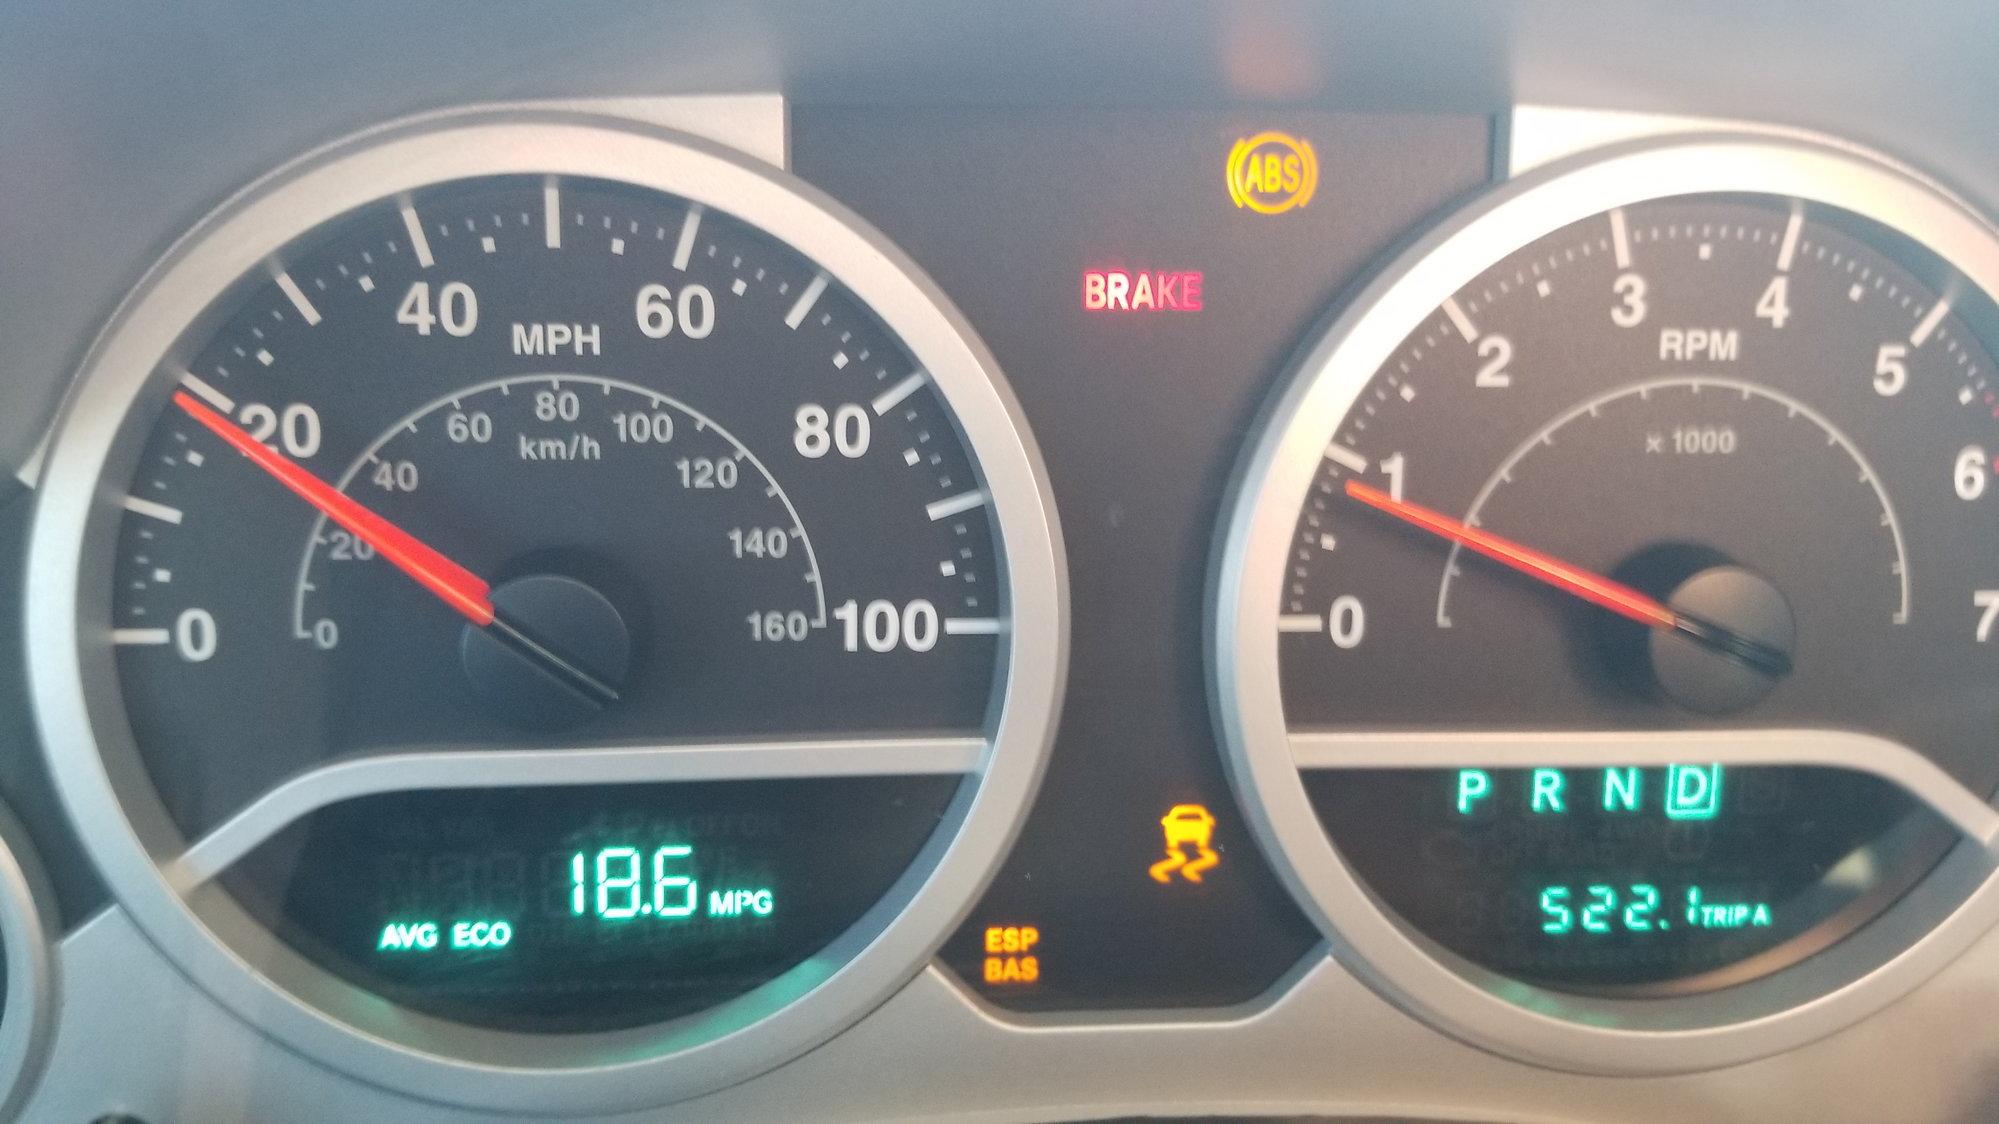 How To Reset Esp Bas Light Jeep Wrangler